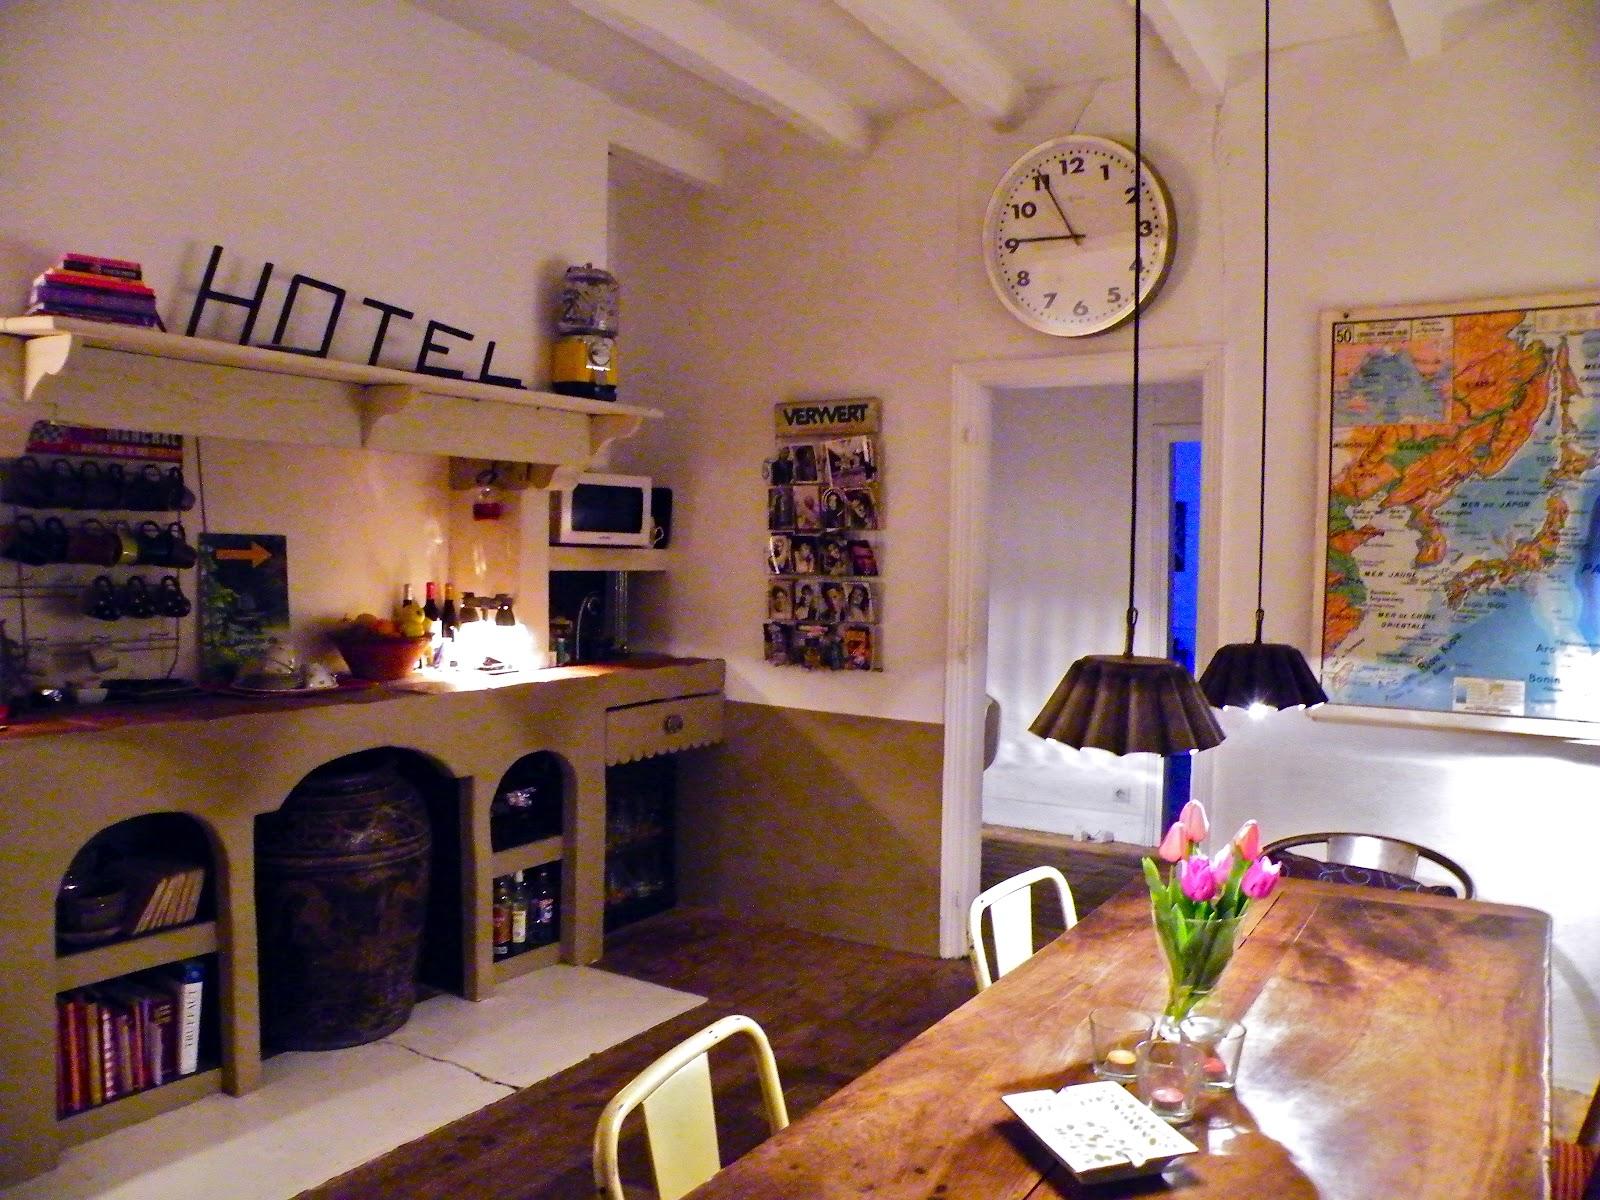 LA MAISON DE LOUNA chambres d hotes design vintage